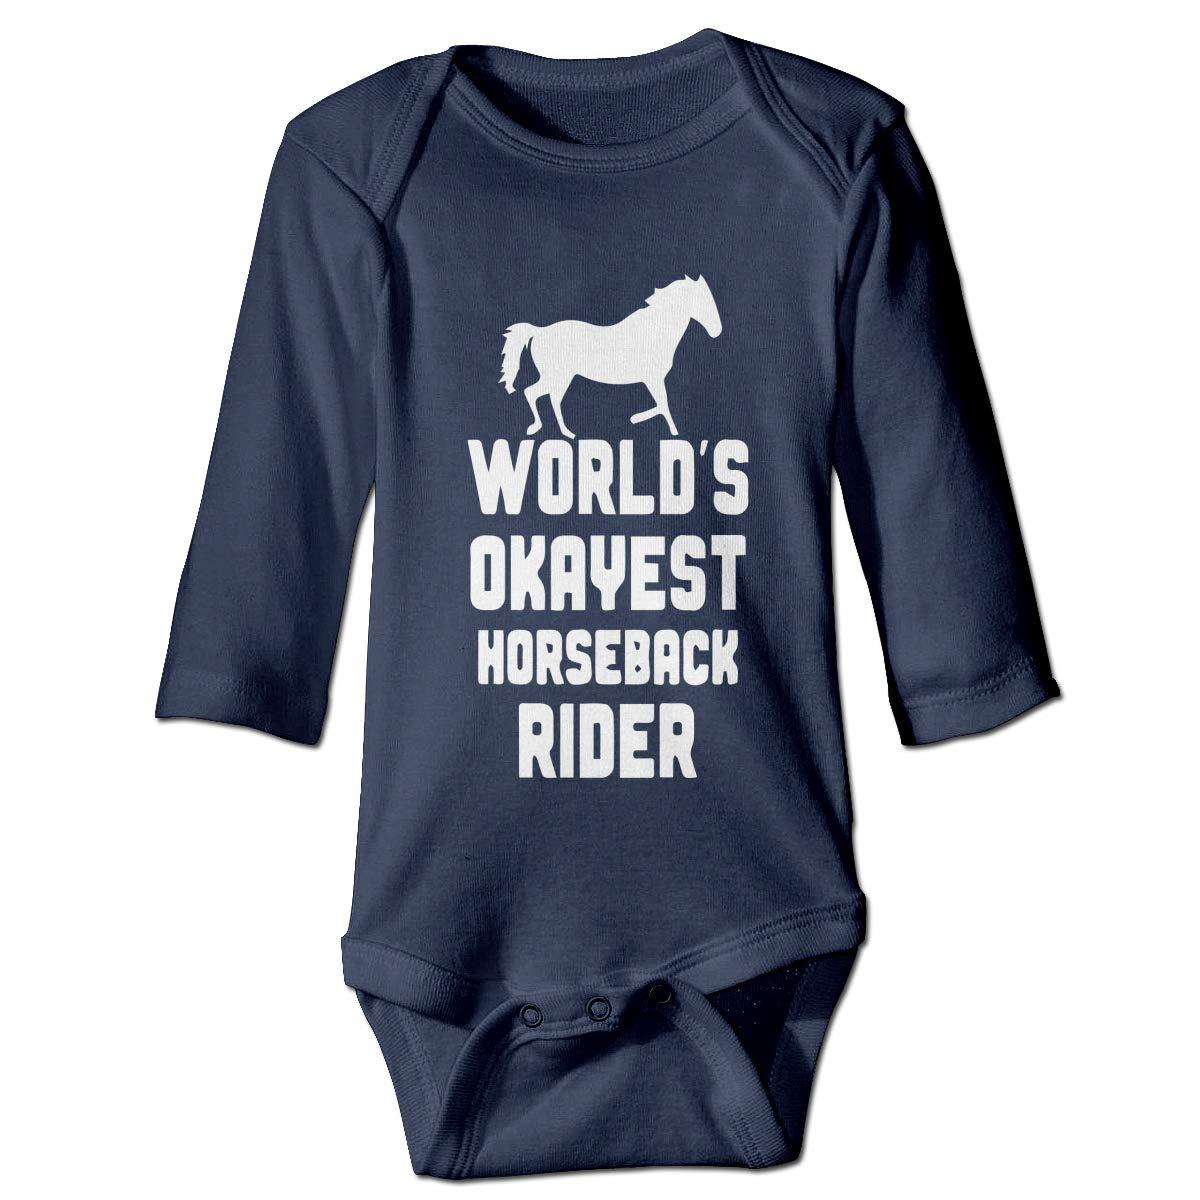 Newborn Infant Baby Girls Boys Romper Bodysuit Infant Worlds Okayest Horseback Rider Long Sleeve Funny Romper Bodysuit